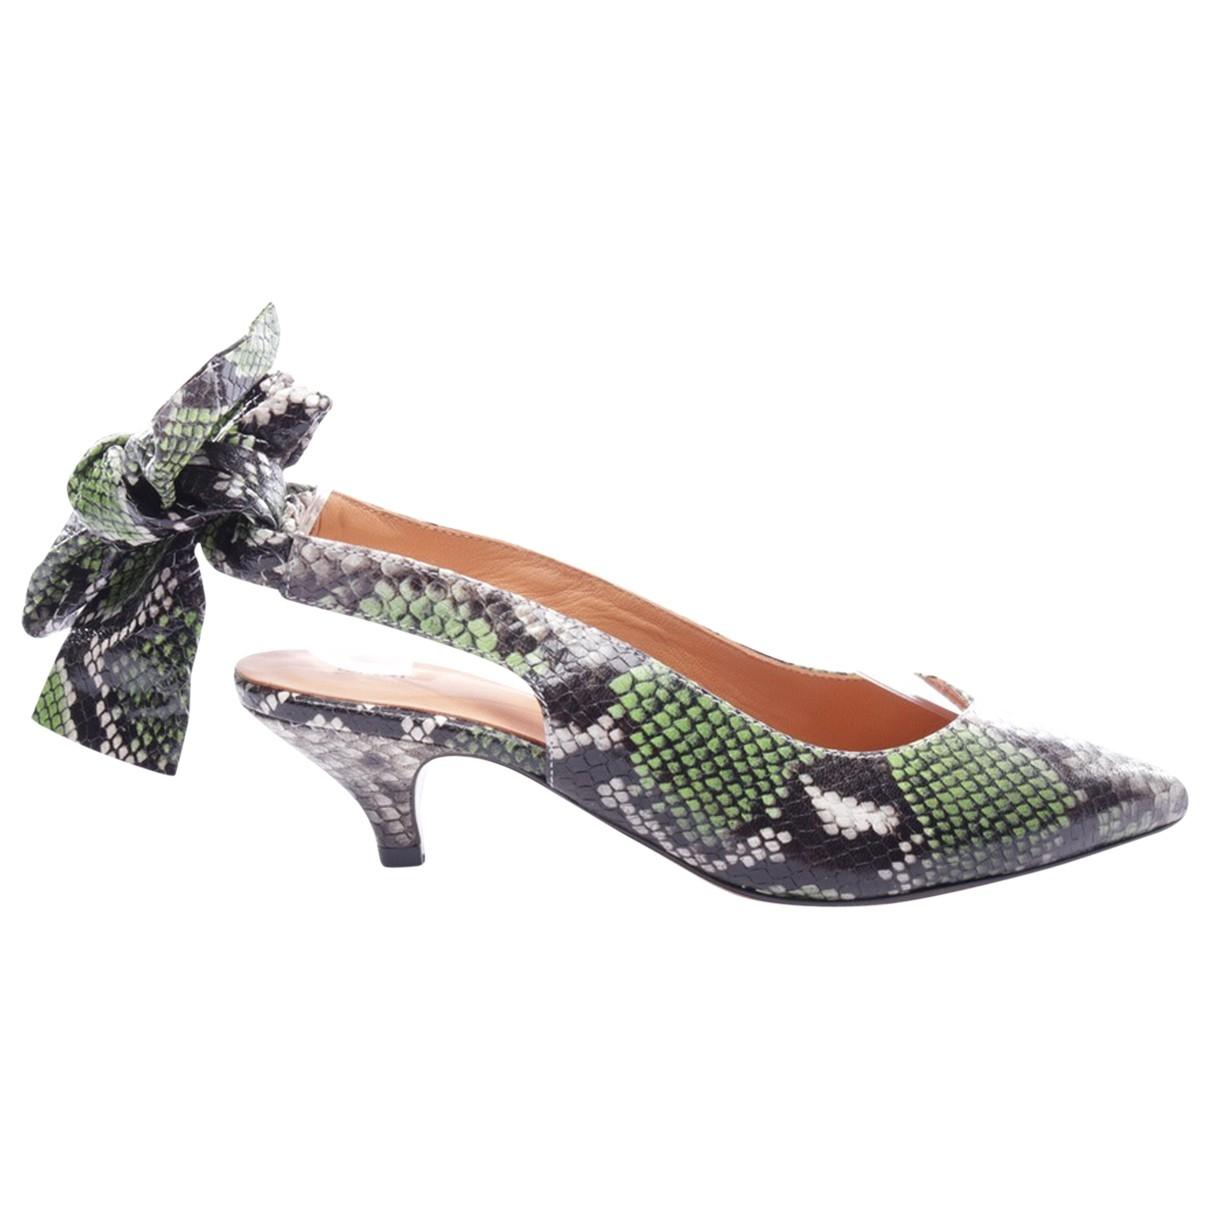 Ganni Exotic leathers heels